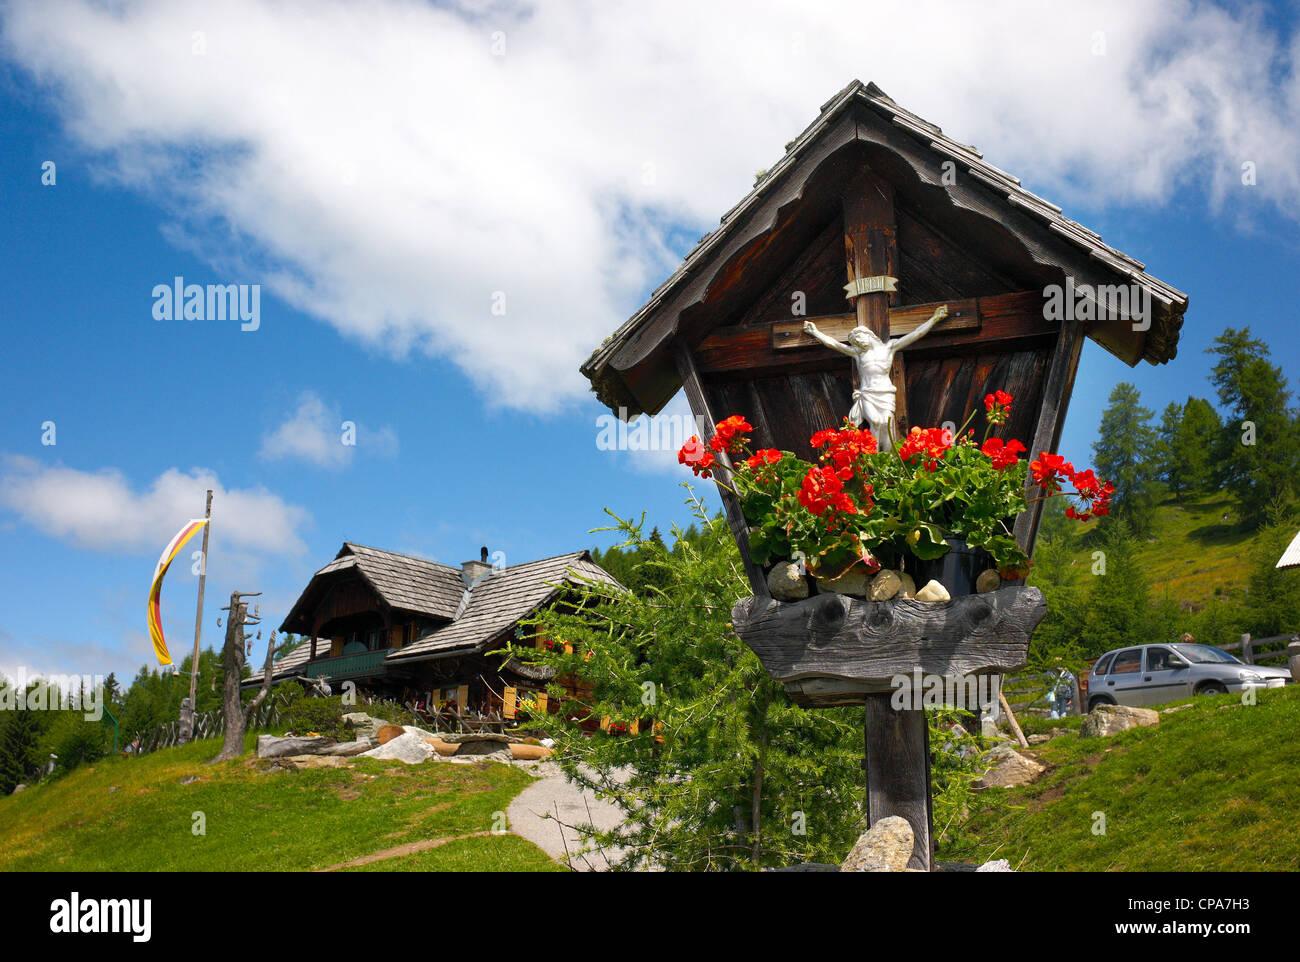 Ein Bildstock auf einem Hügel in Lammersdorf, Millstatt, Österreich Stockbild